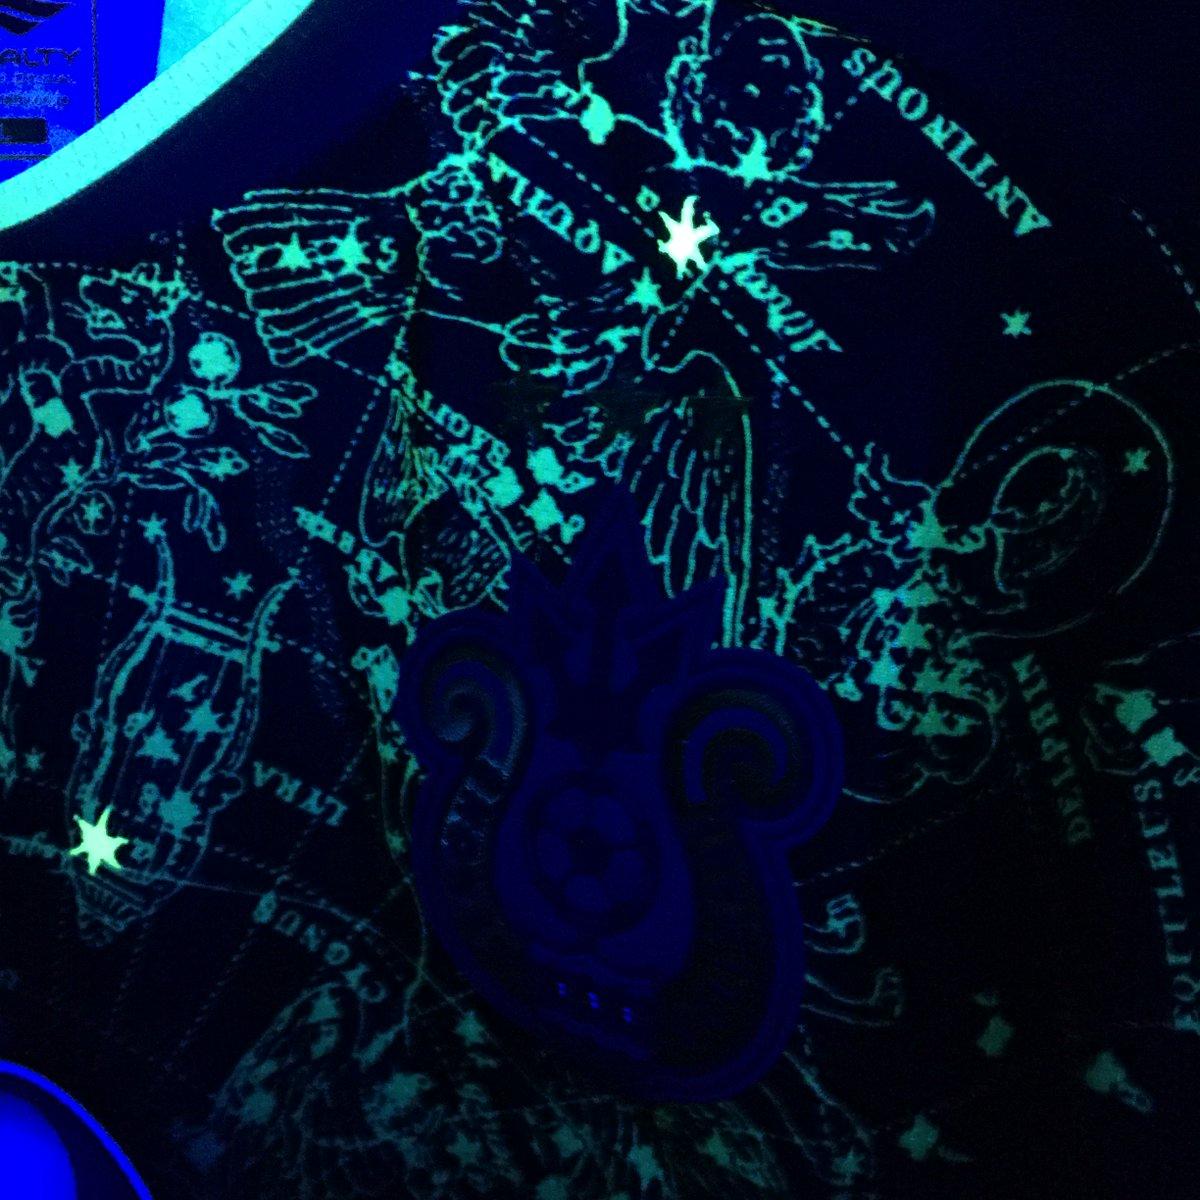 噂通り?七夕ユニにブラックライト当てると、星座の模様部分が光り輝くよ…! #bellmare https://t.co/H1oqHg9cSD